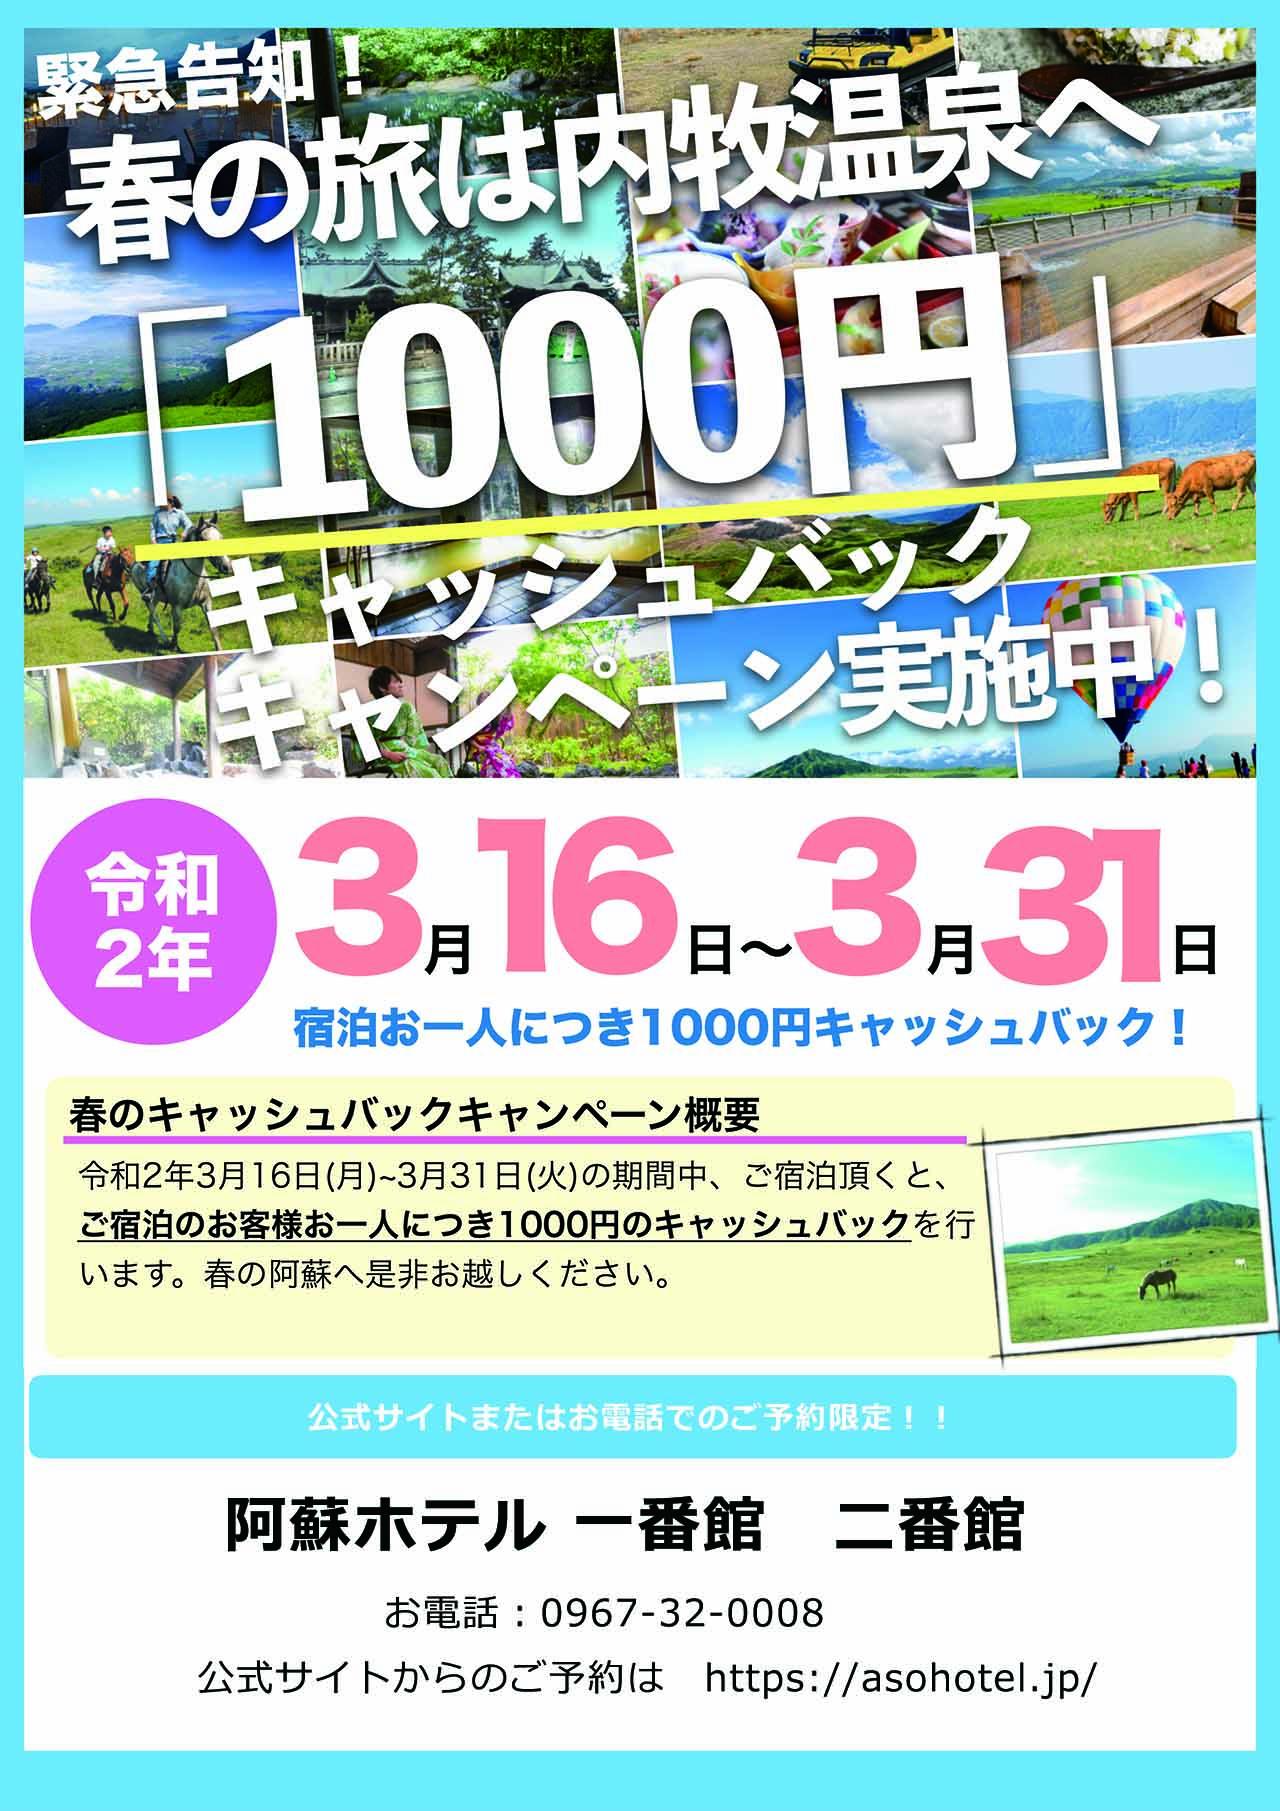 1000円キャッシュバックキャンペーン